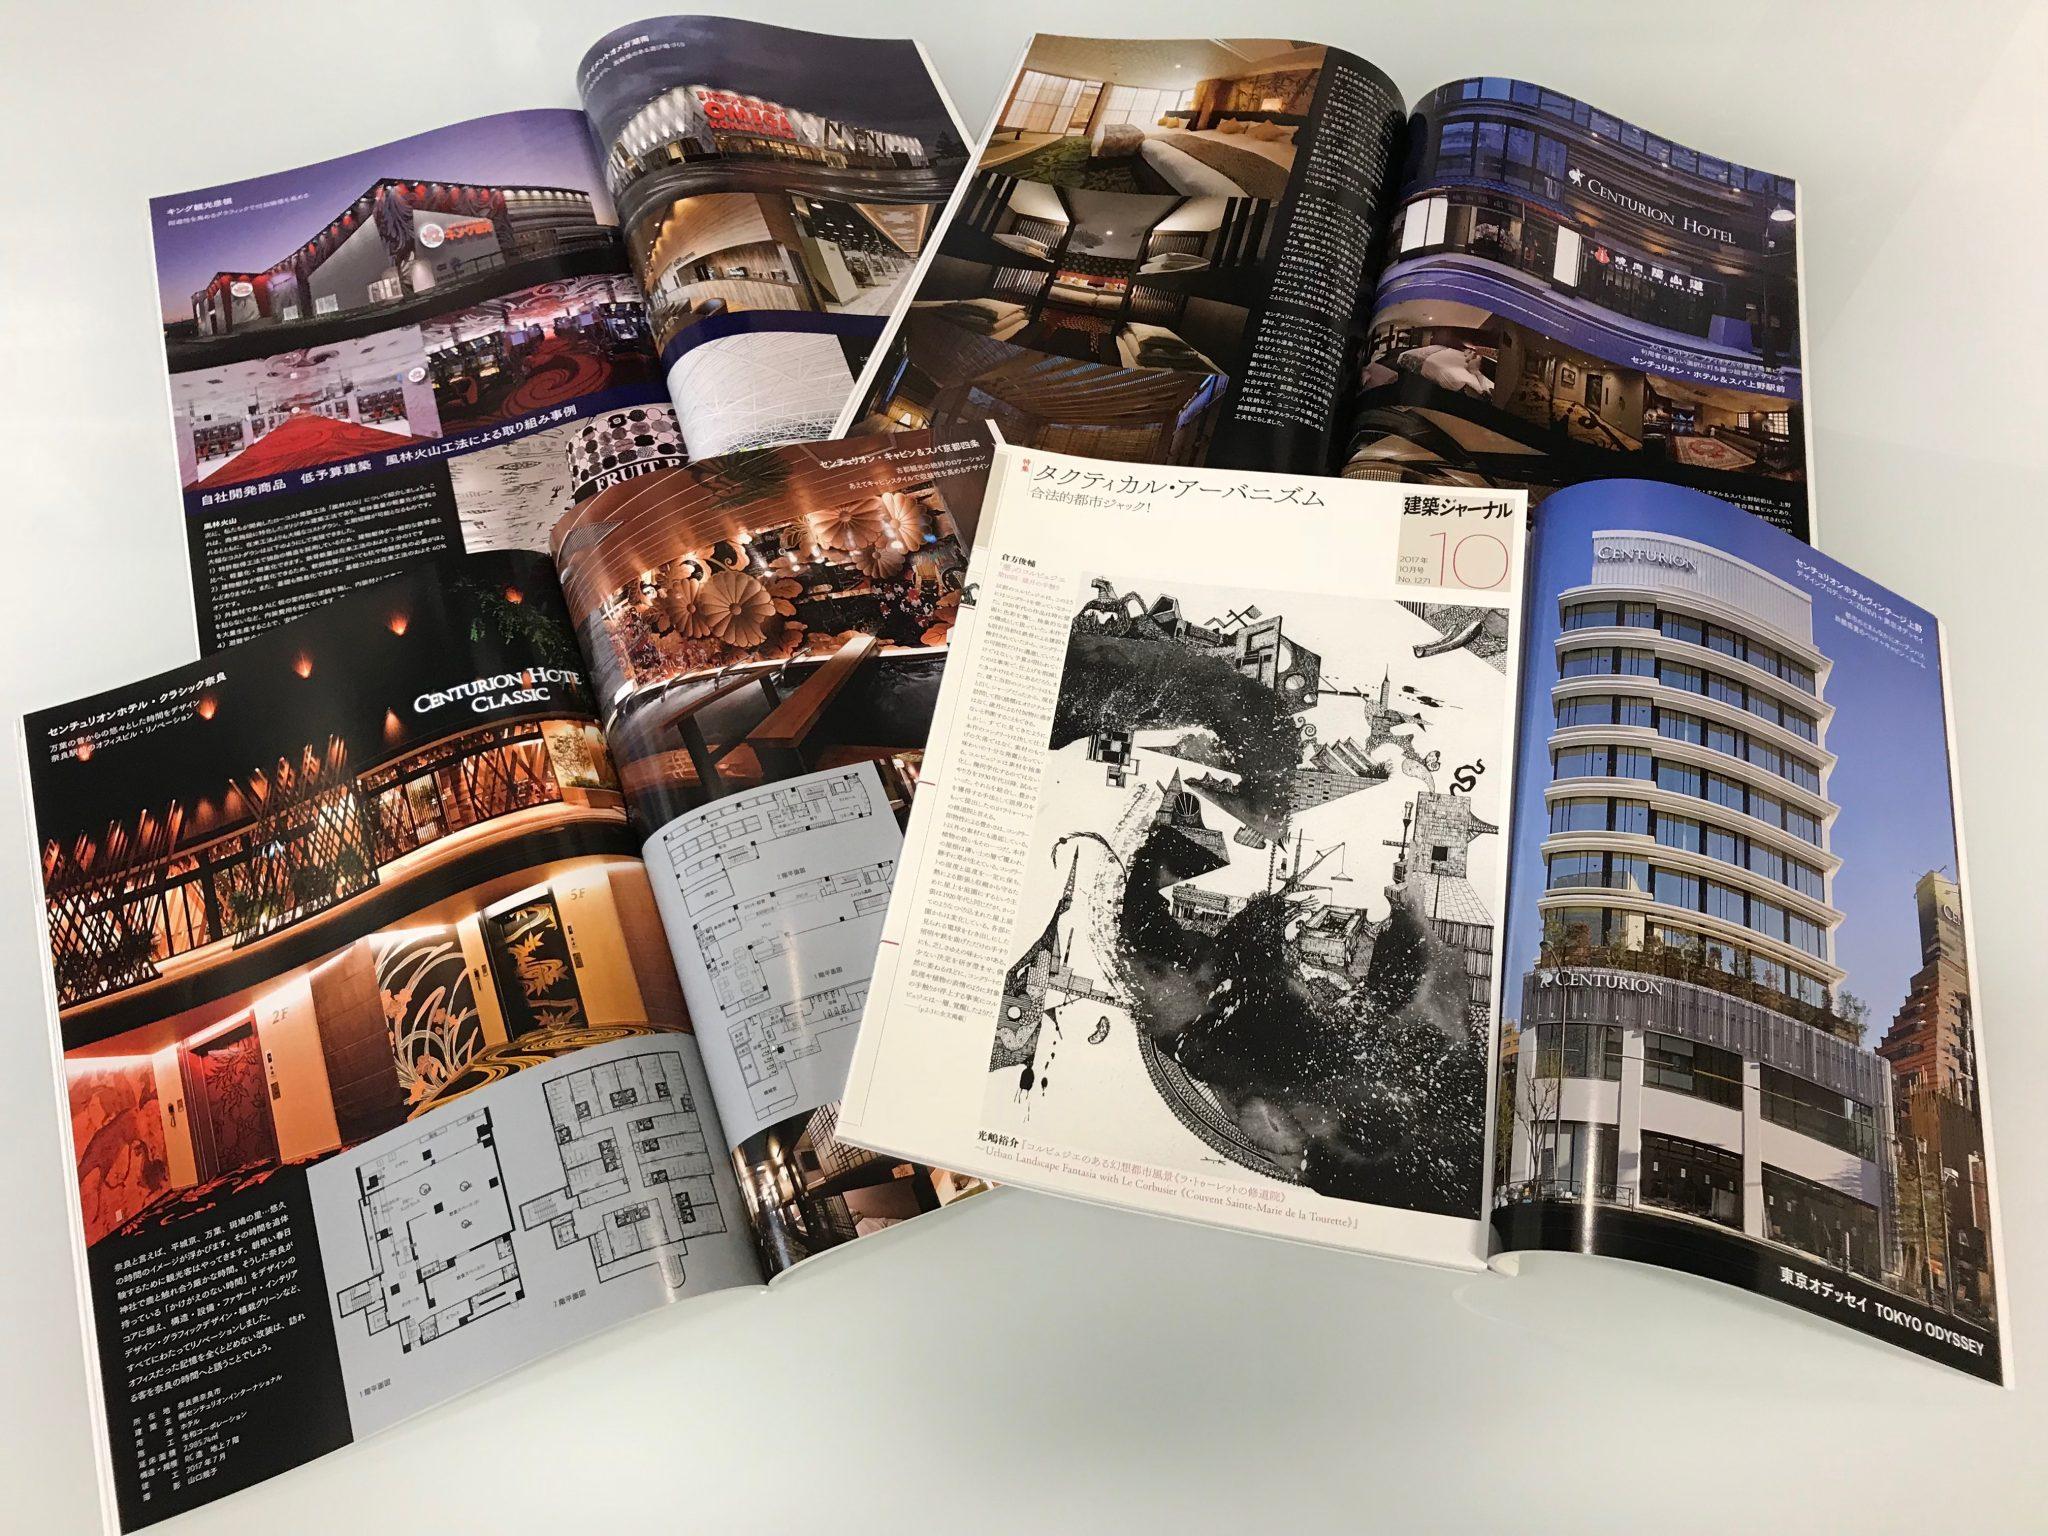 斬新なホテルデザインで注目される設計デザイン会社として紹介されました。<br>競合に打ち勝ち収益力を向上させファンを獲得する。<br>私たちはデザインの力を信じ、プロジェクトに取り組んでいます。